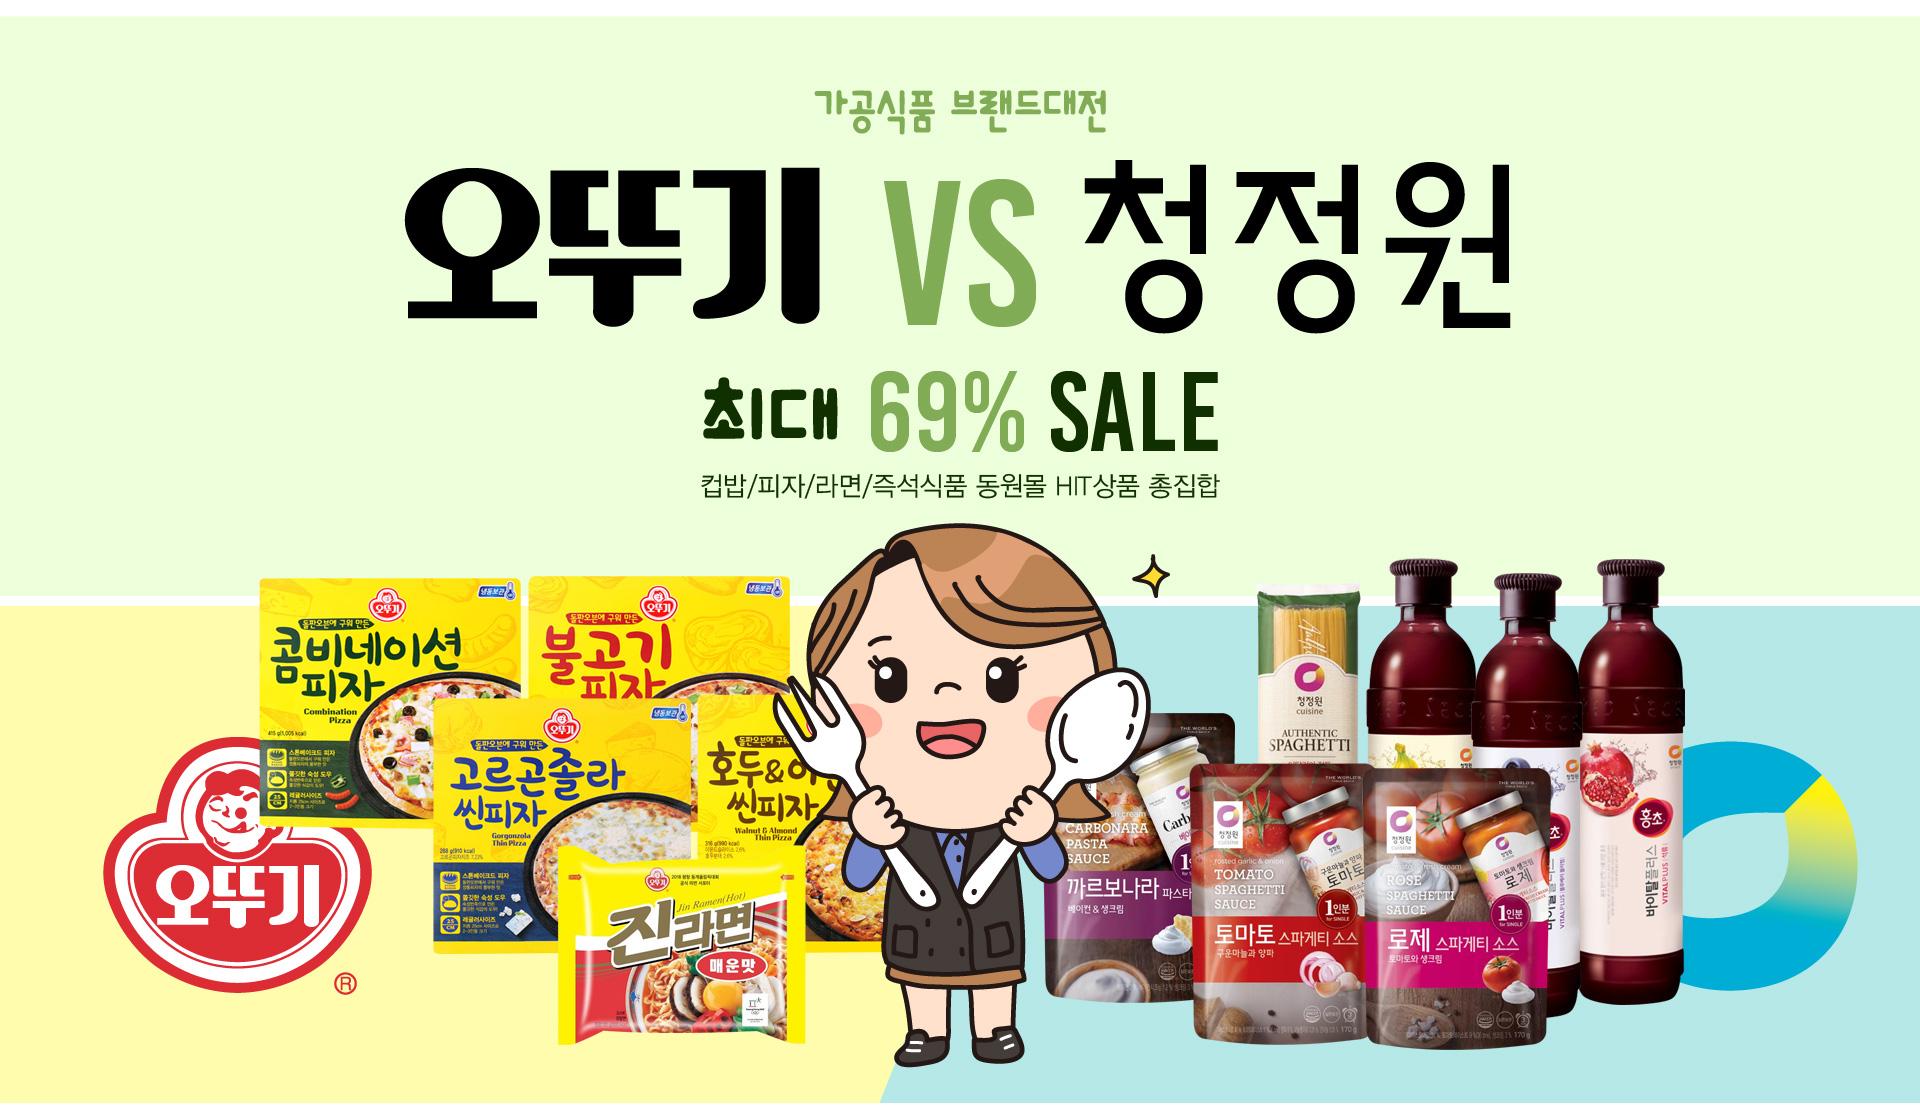 가공식품 브랜드대전  오뚜기 VS 청정원 최대 69%SALE  컵밥/피자/라면/즉석식품 동원몰 HIT상품 총집합!